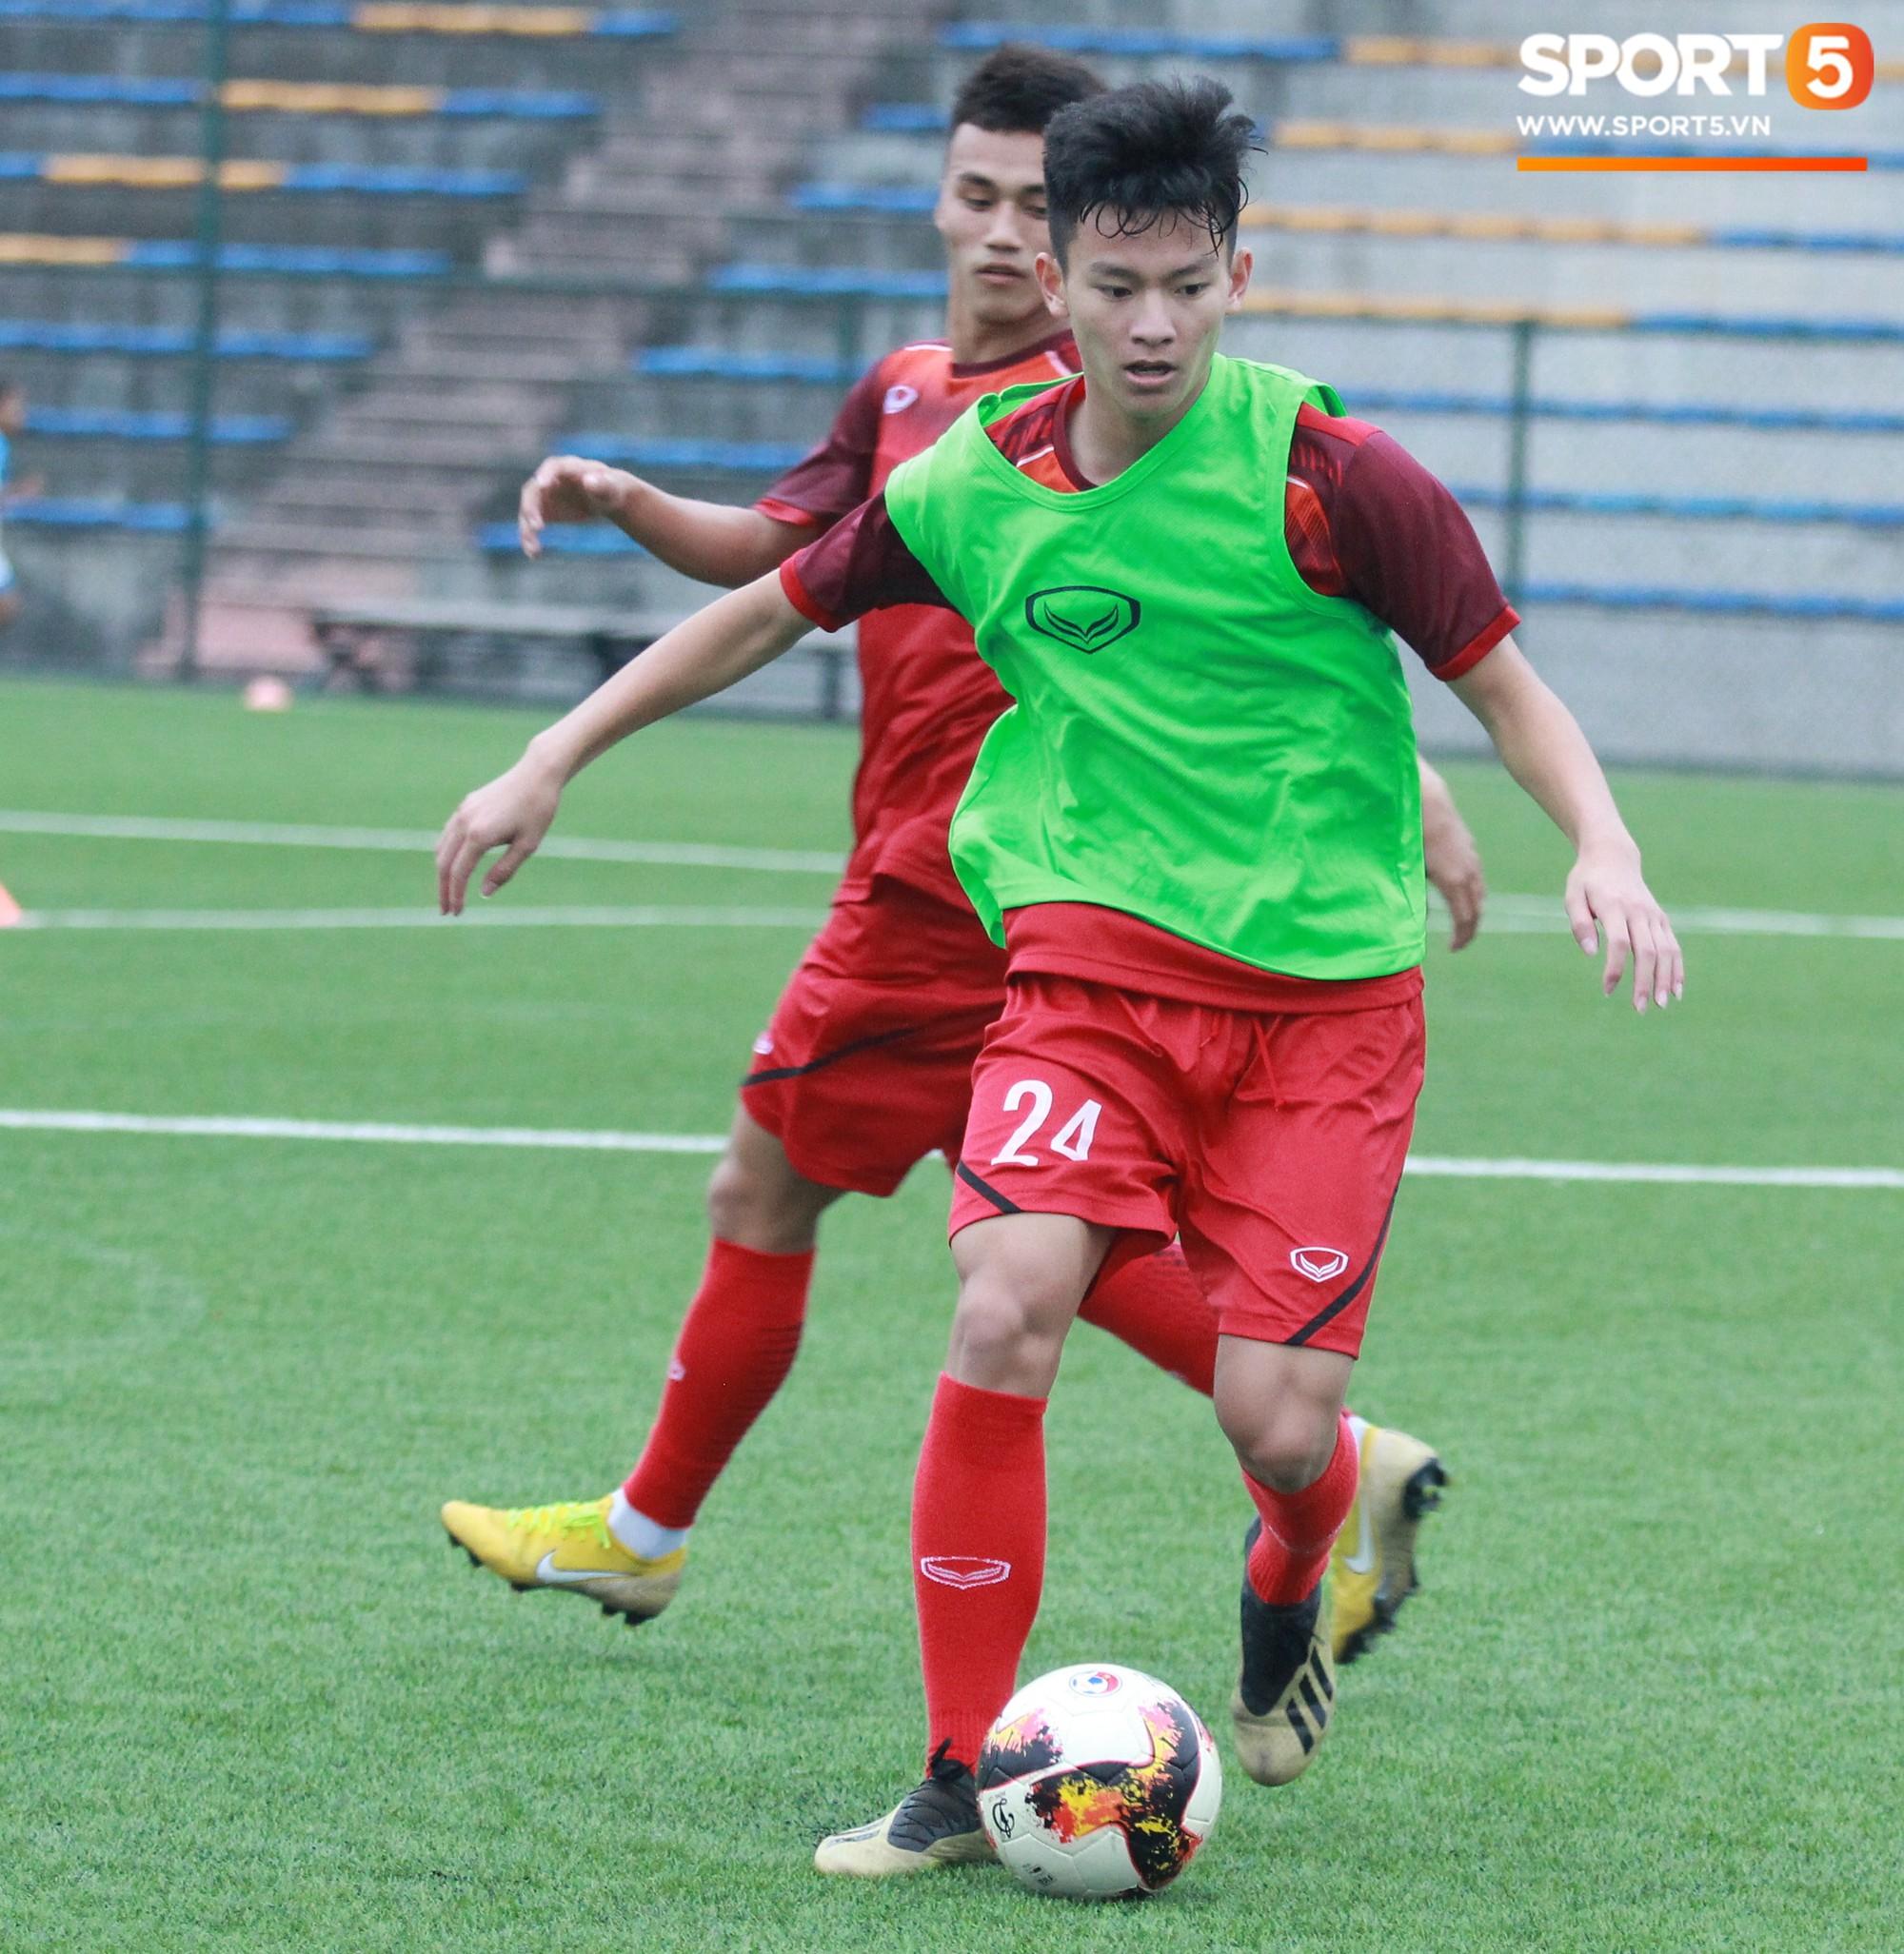 U18 Việt Nam tập luyện máu lửa, chờ ngày ra mắt tại giải tứ hùng ở Trung Quốc - Ảnh 3.